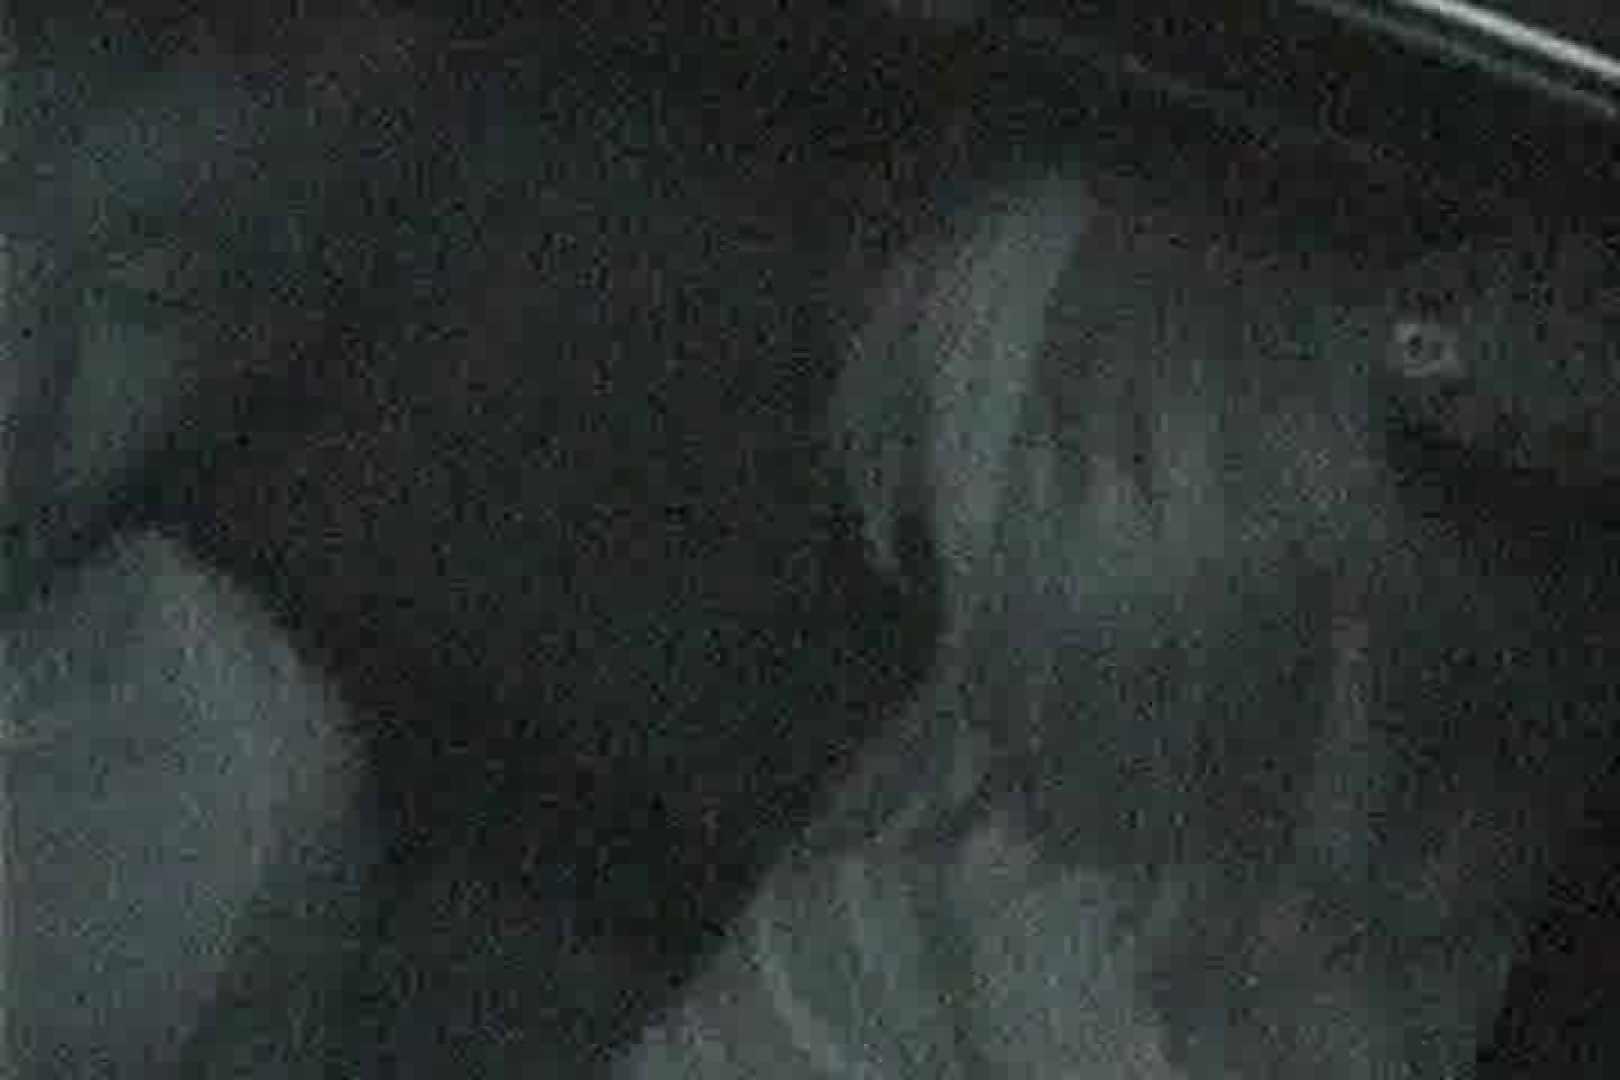 充血監督の深夜の運動会Vol.28 フェラ ヌード画像 100pic 25